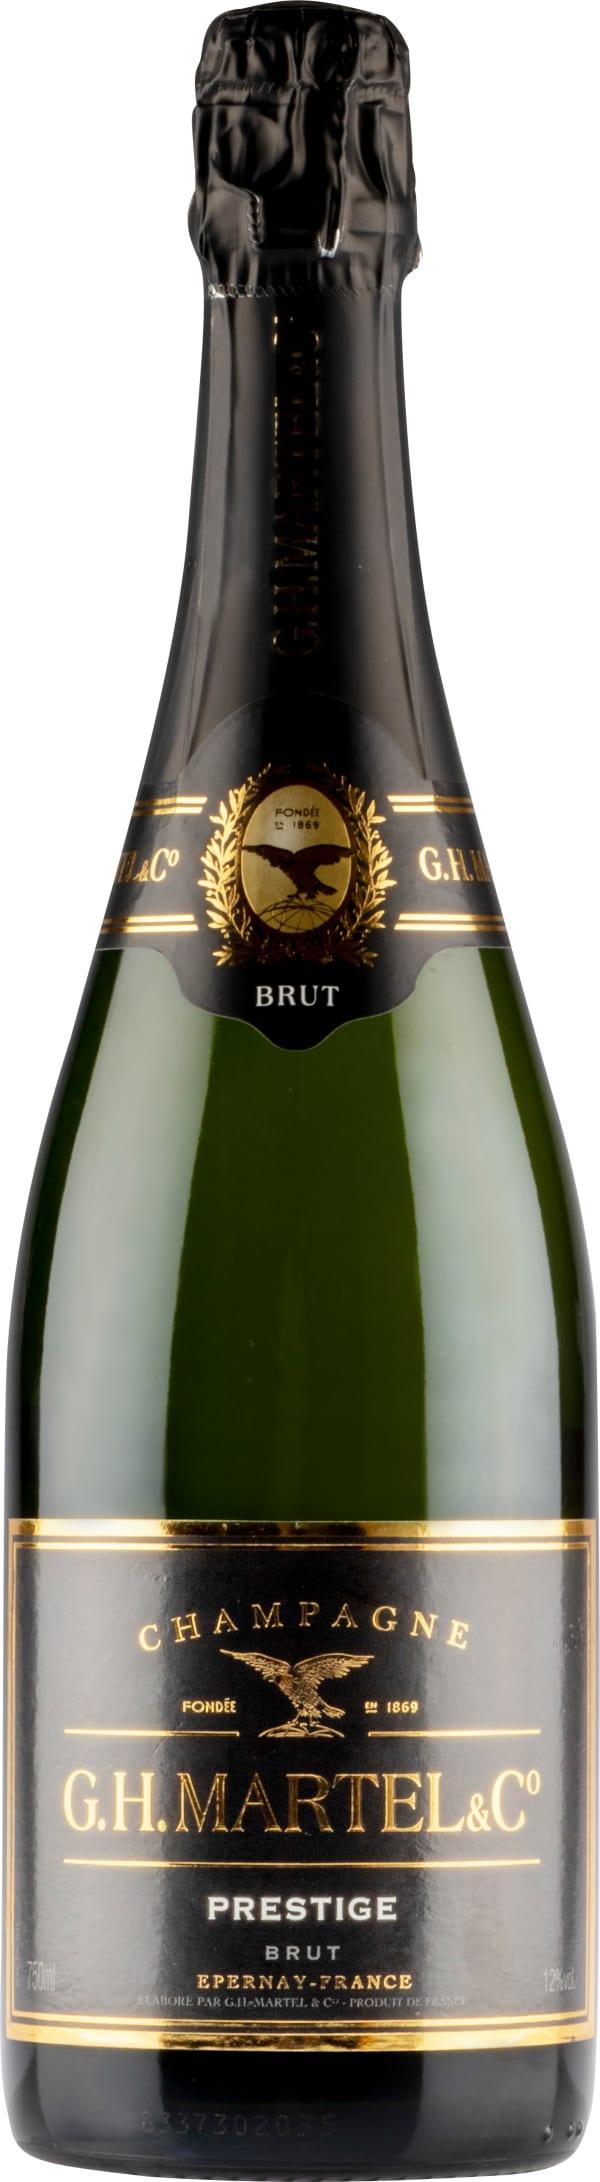 G.H. Martel & Co Prestige Champagne Brut